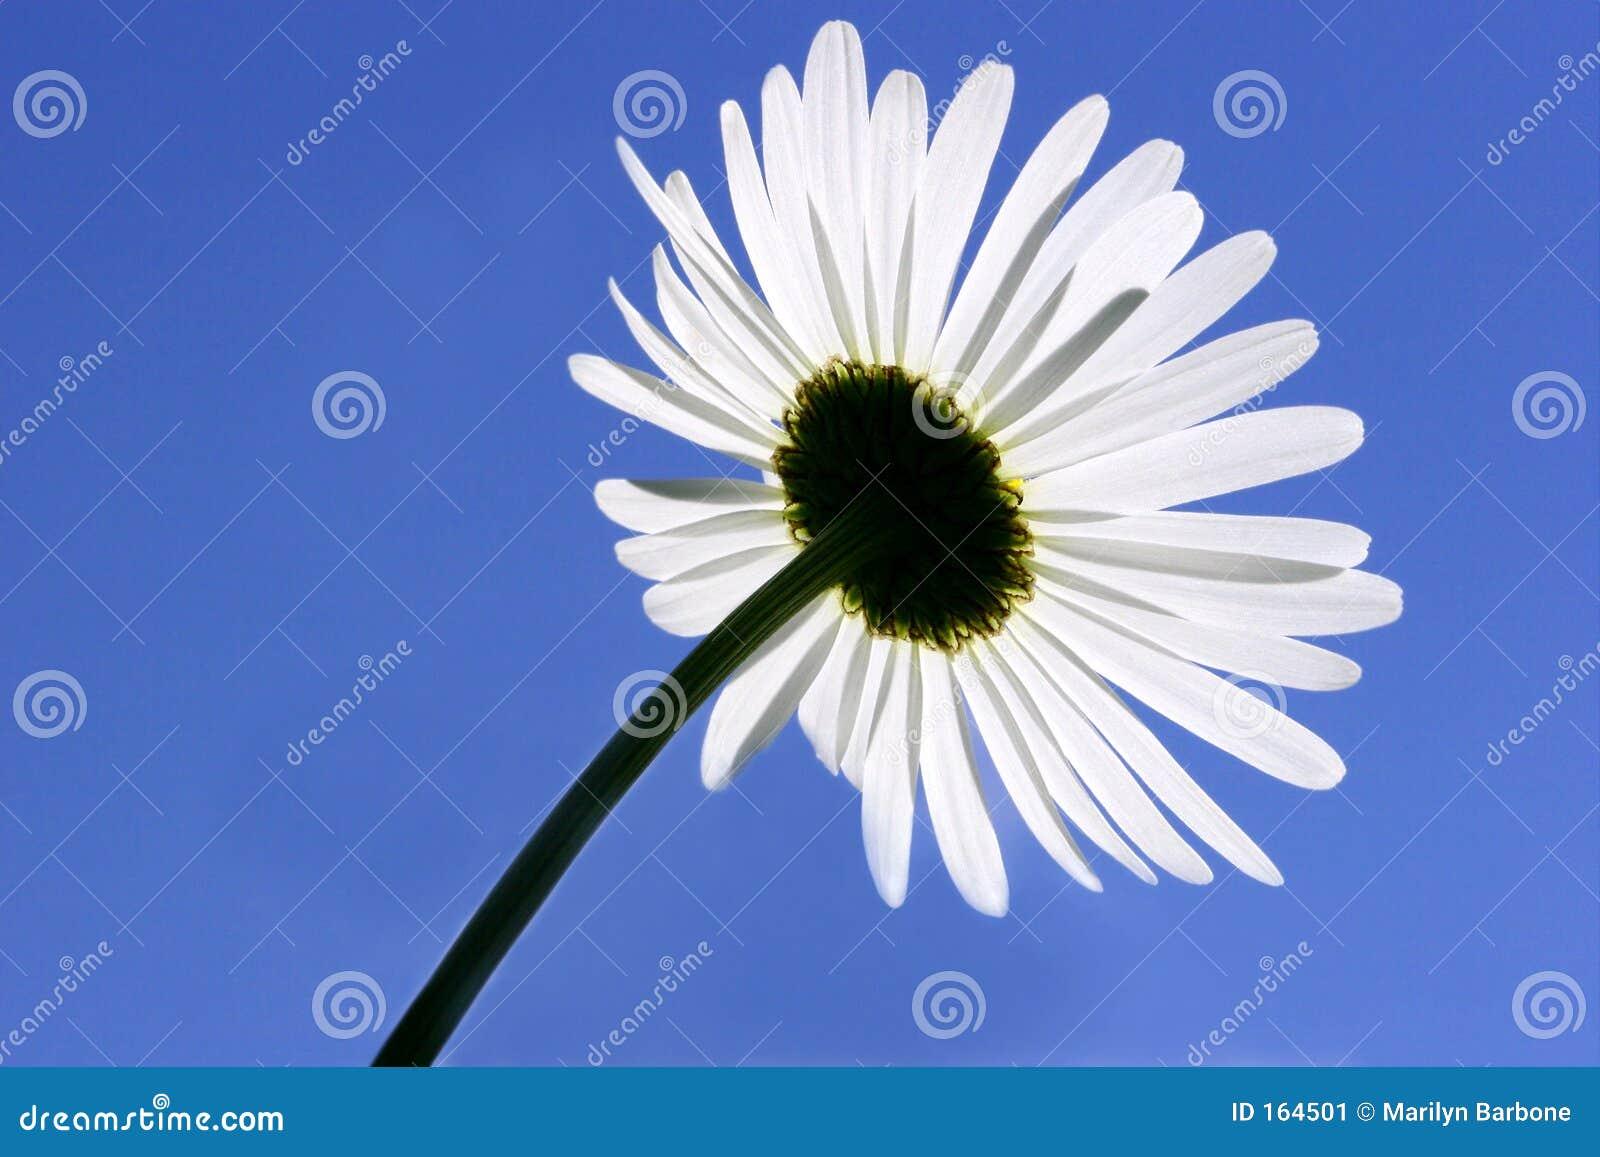 Underneath The Daisy